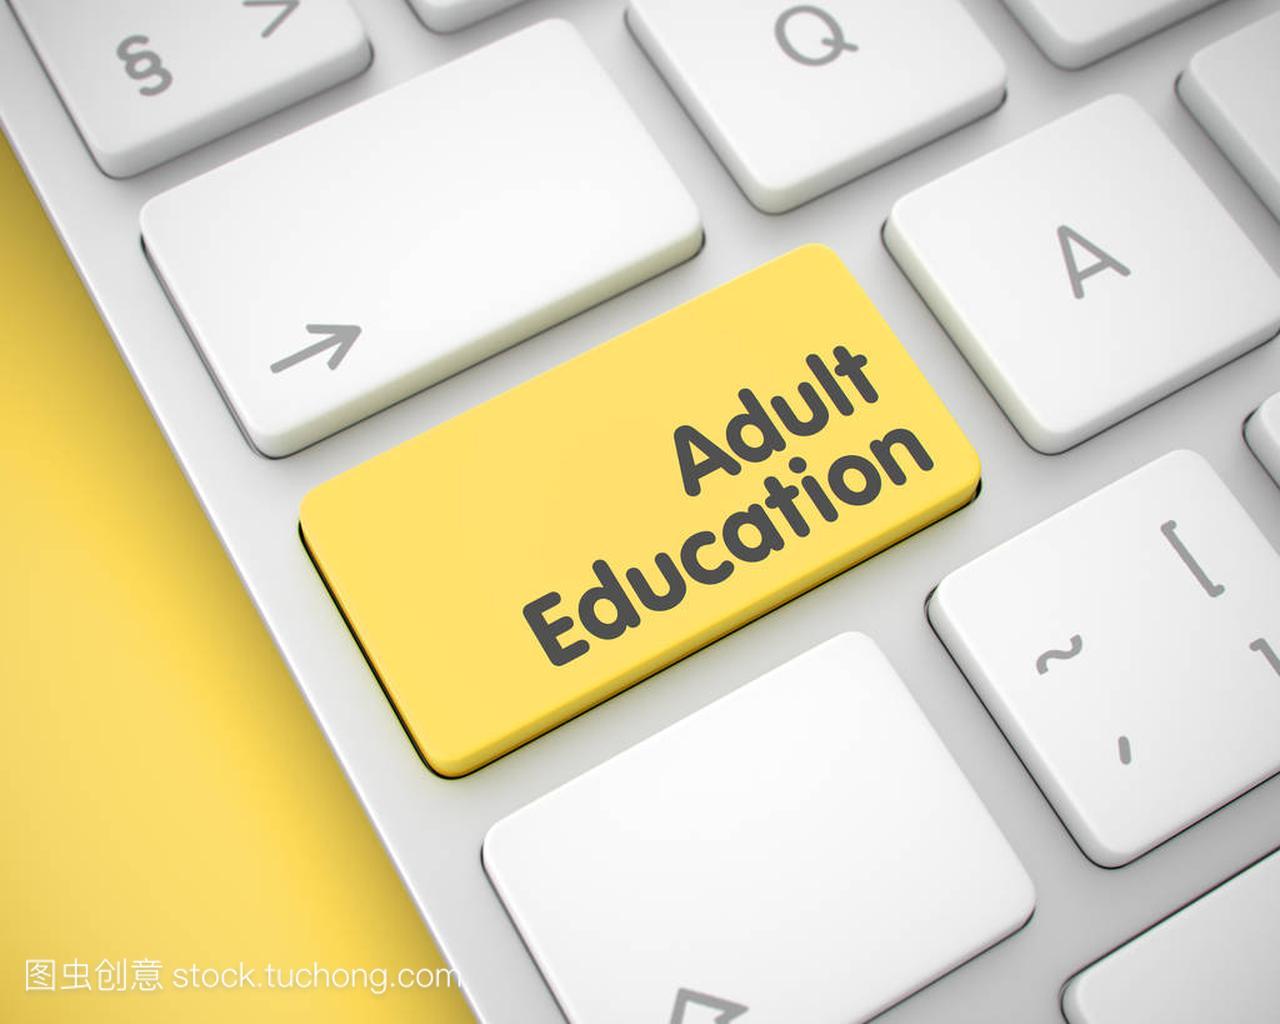 成人教育-消息黄色按钮的键盘。3d包装设计实训的收获图片